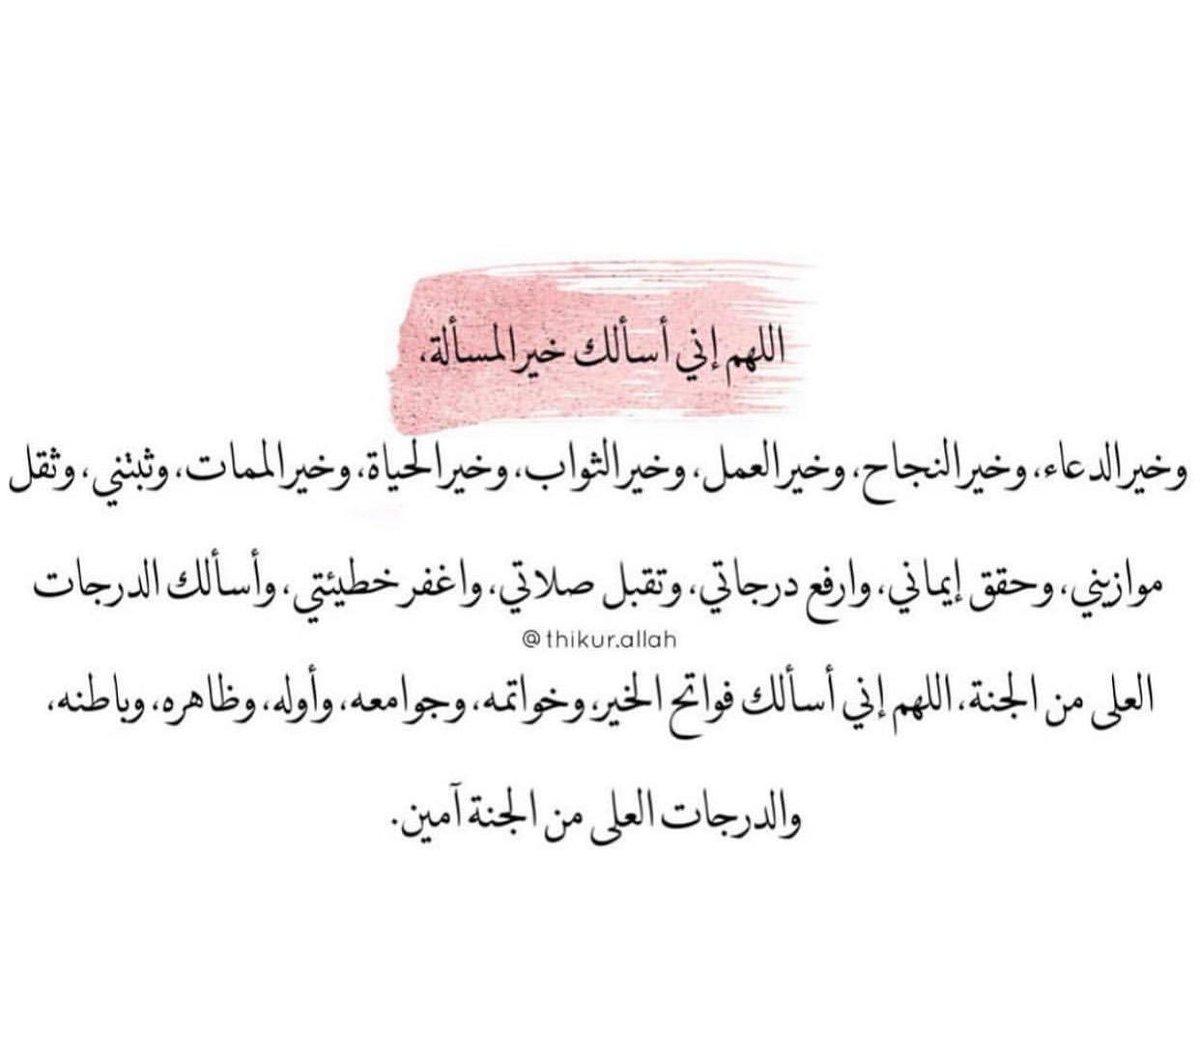 أدعية وأذكار Do3aaa2 Twitter